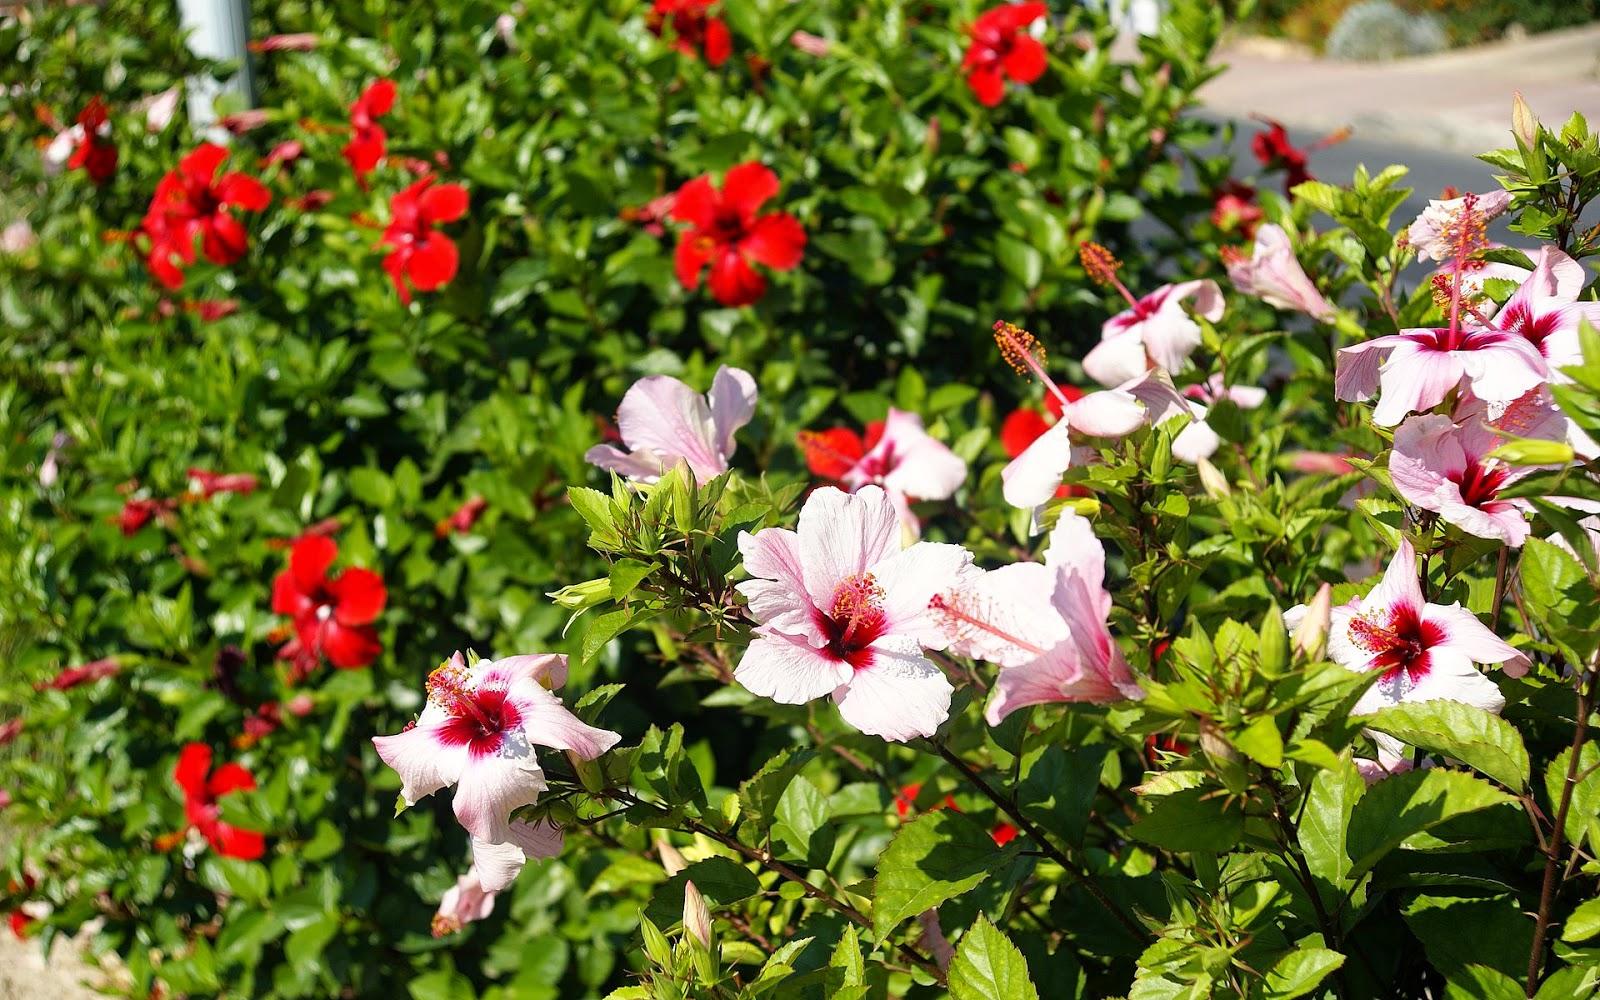 Arbustos con flores para jardines ornamentales verde jard n for Arbustos con flores